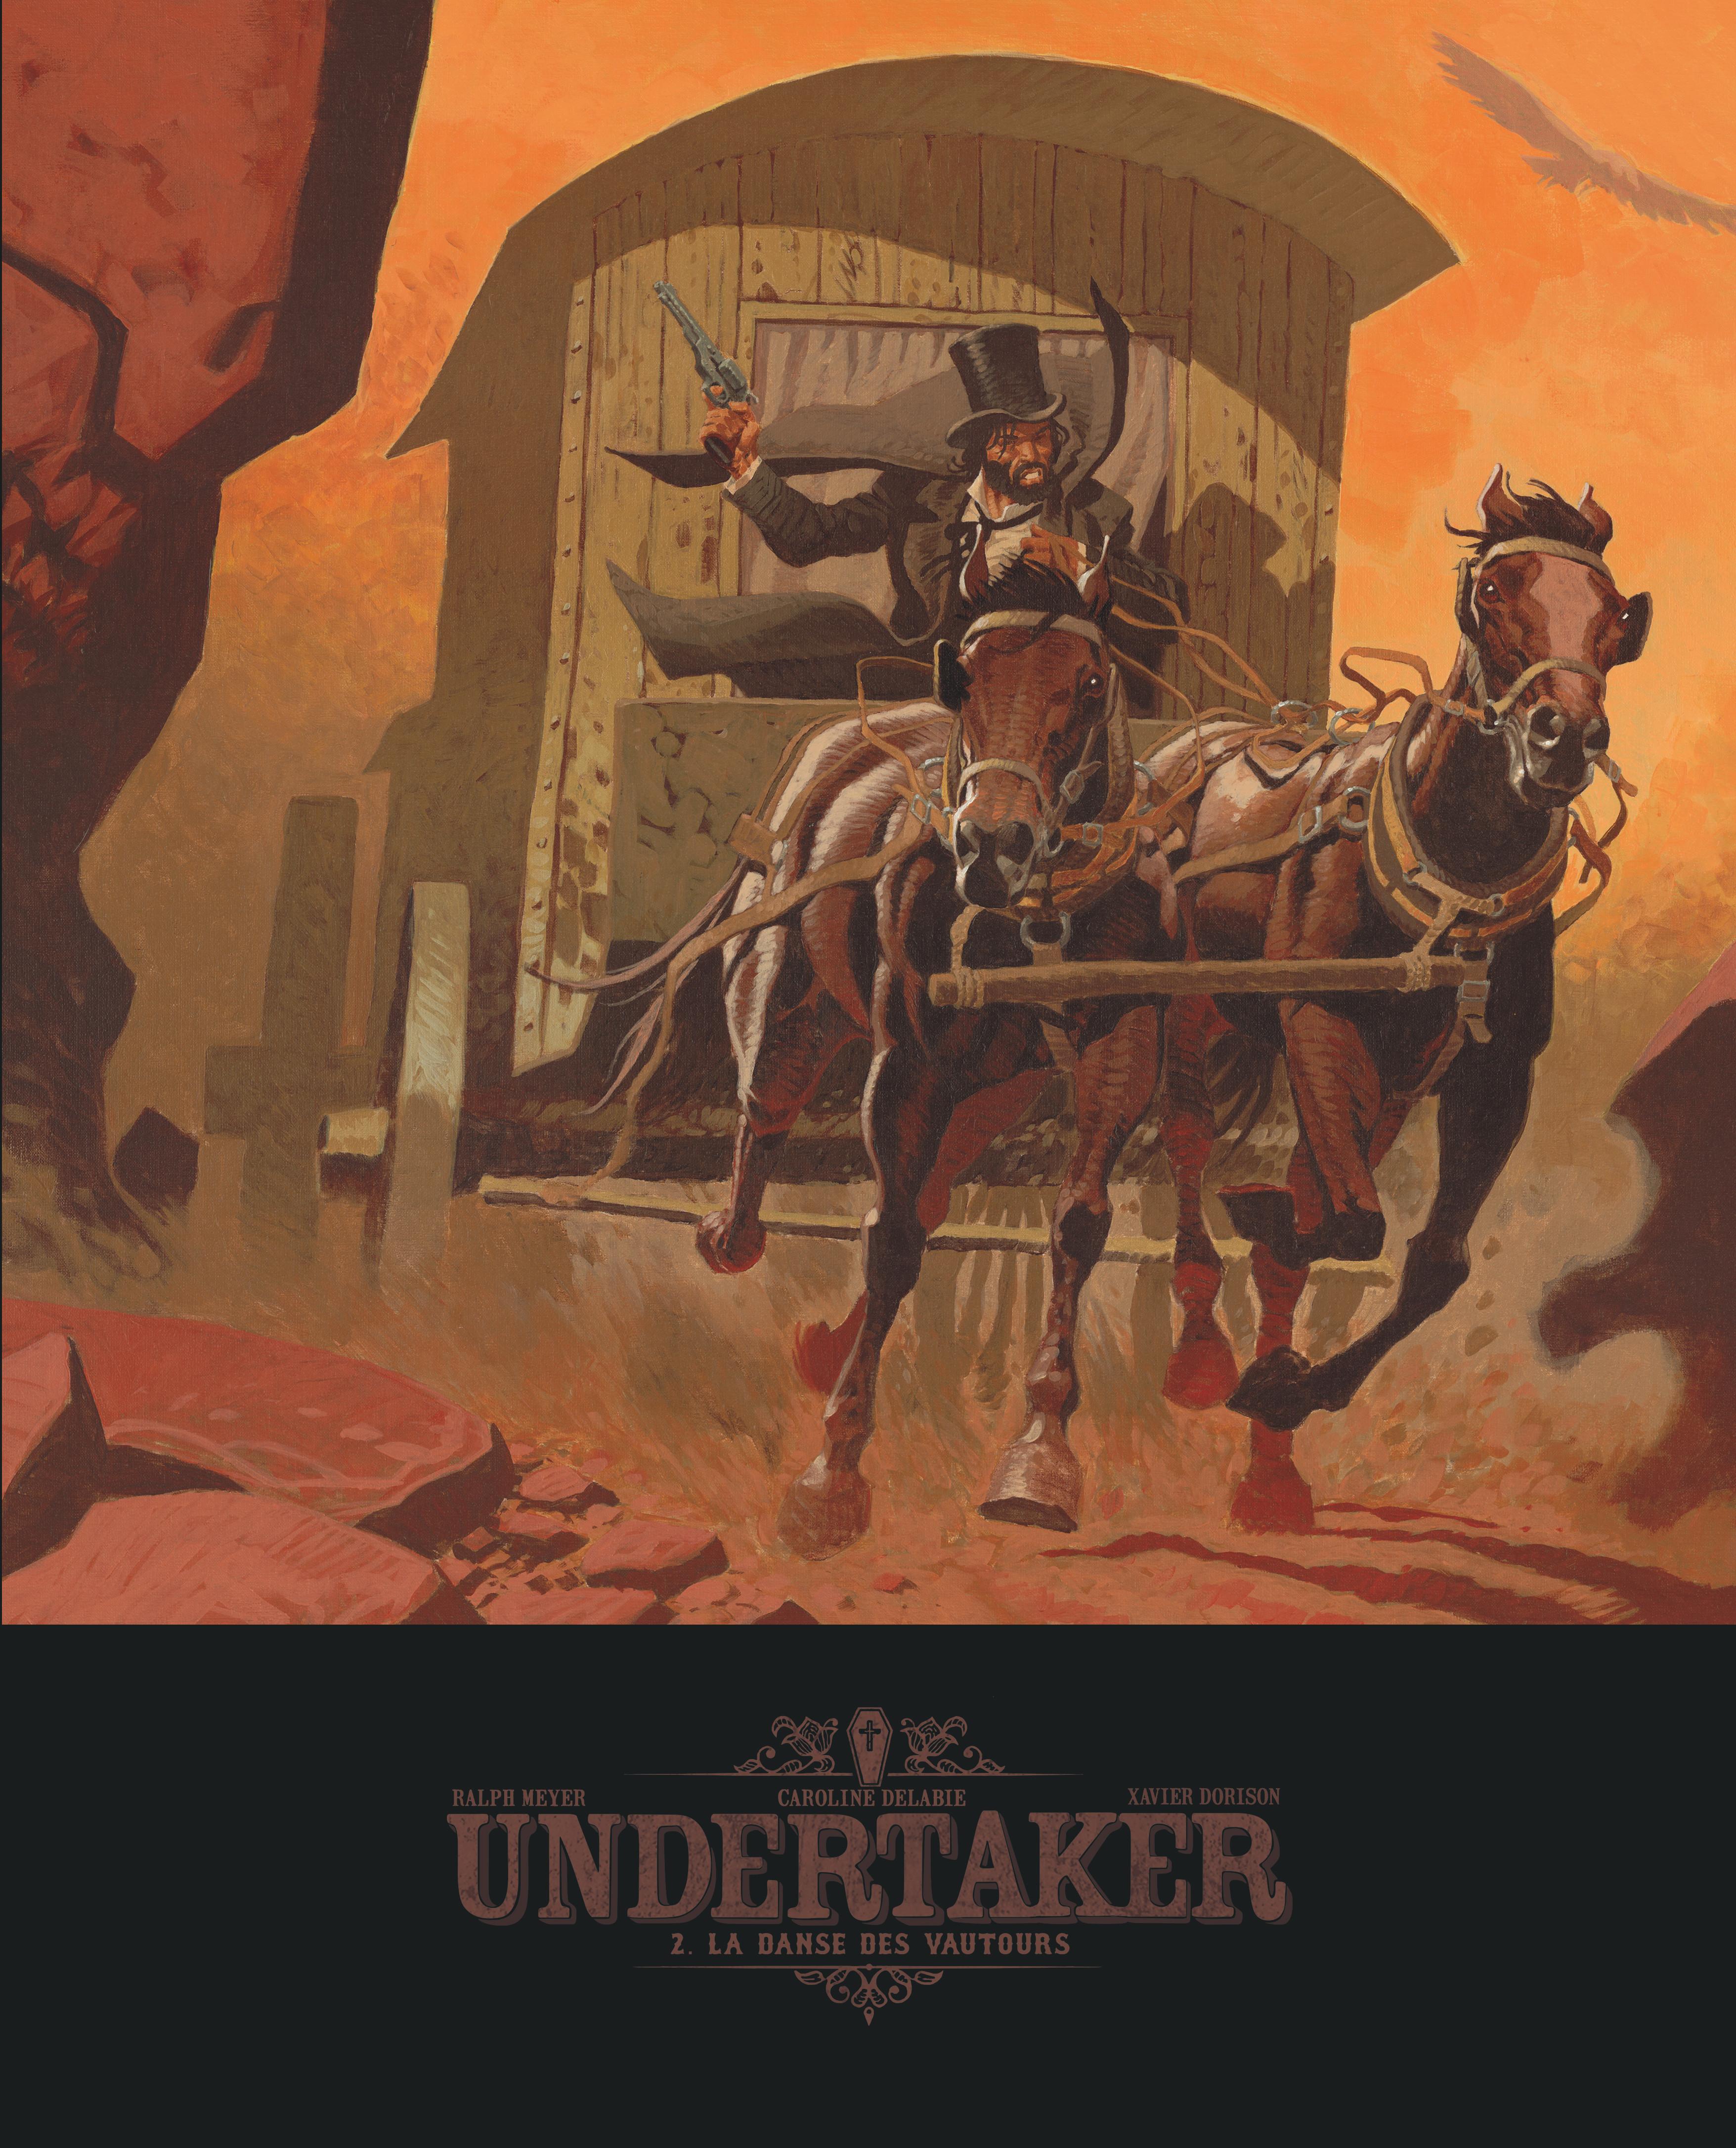 undertaker tome 2  la danse des vautours -  u00e9dition bibliophile